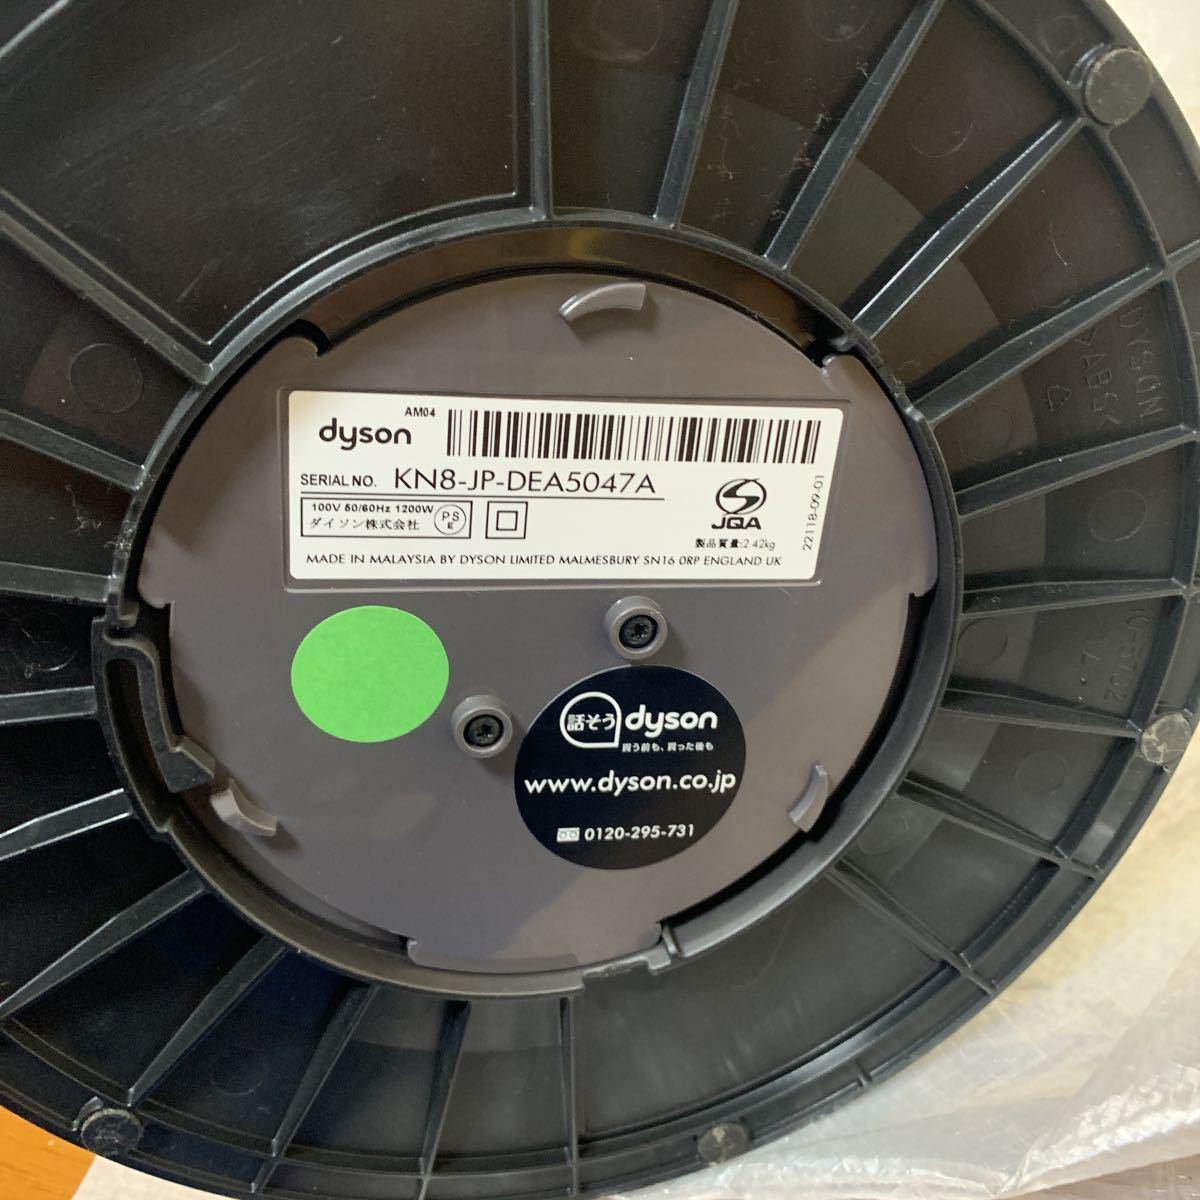 dyson hot+cool ダイソン ホット&クール 扇風機 ファンヒーター KN8-JP-DEA5047A リモコン付き hot&cool _画像5